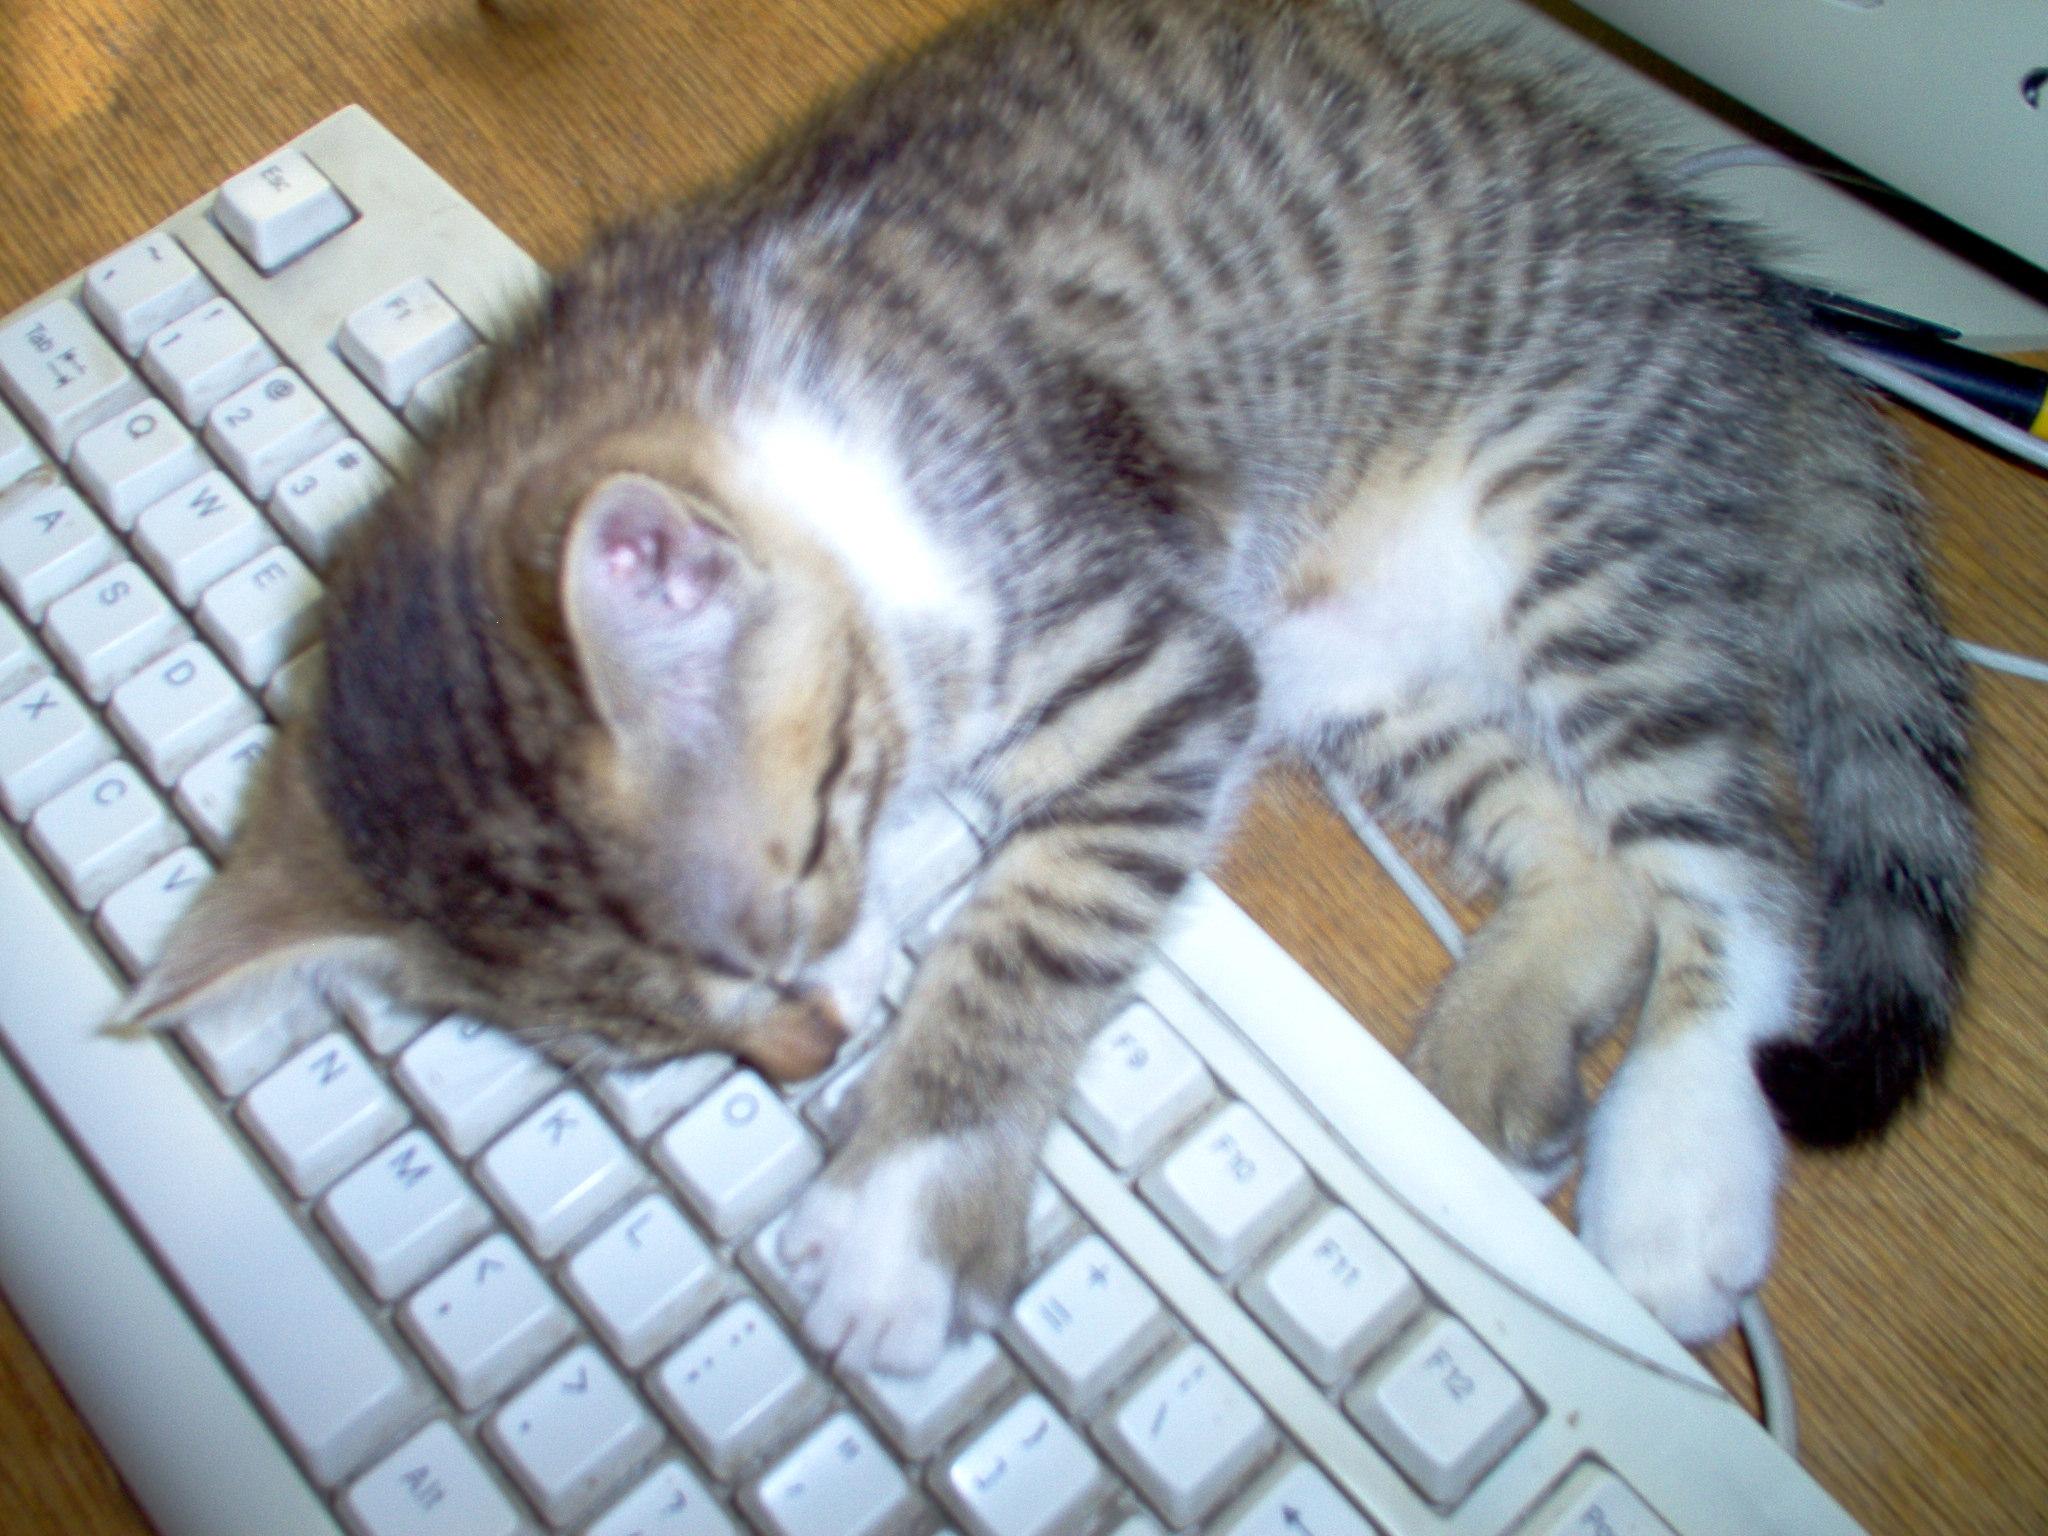 Kitten sleeping on keyboard